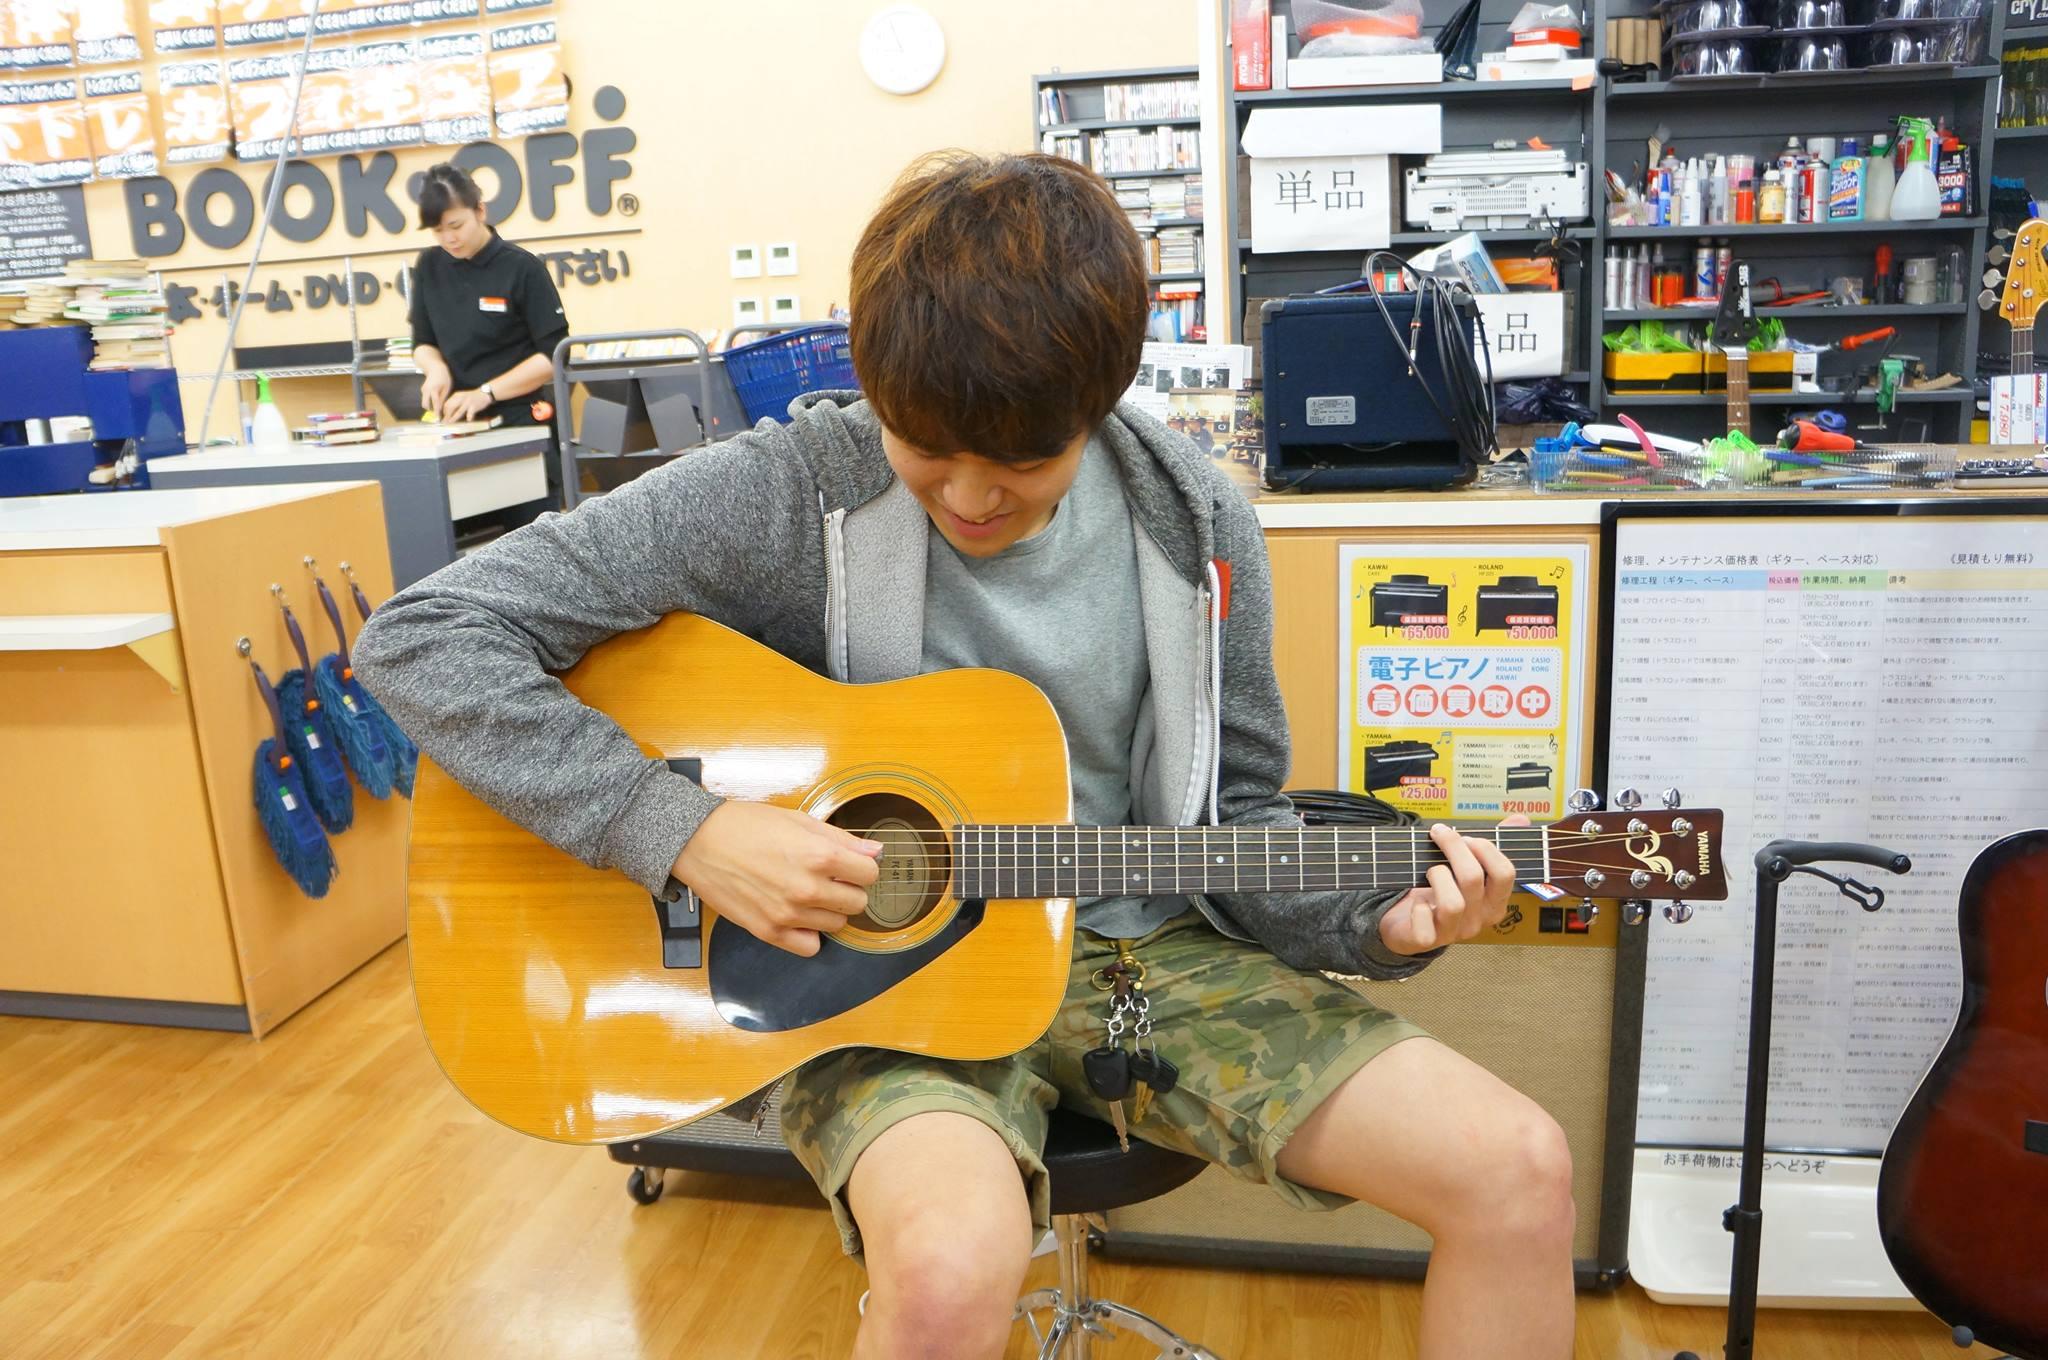 ブックオフでギターを試奏する写真1